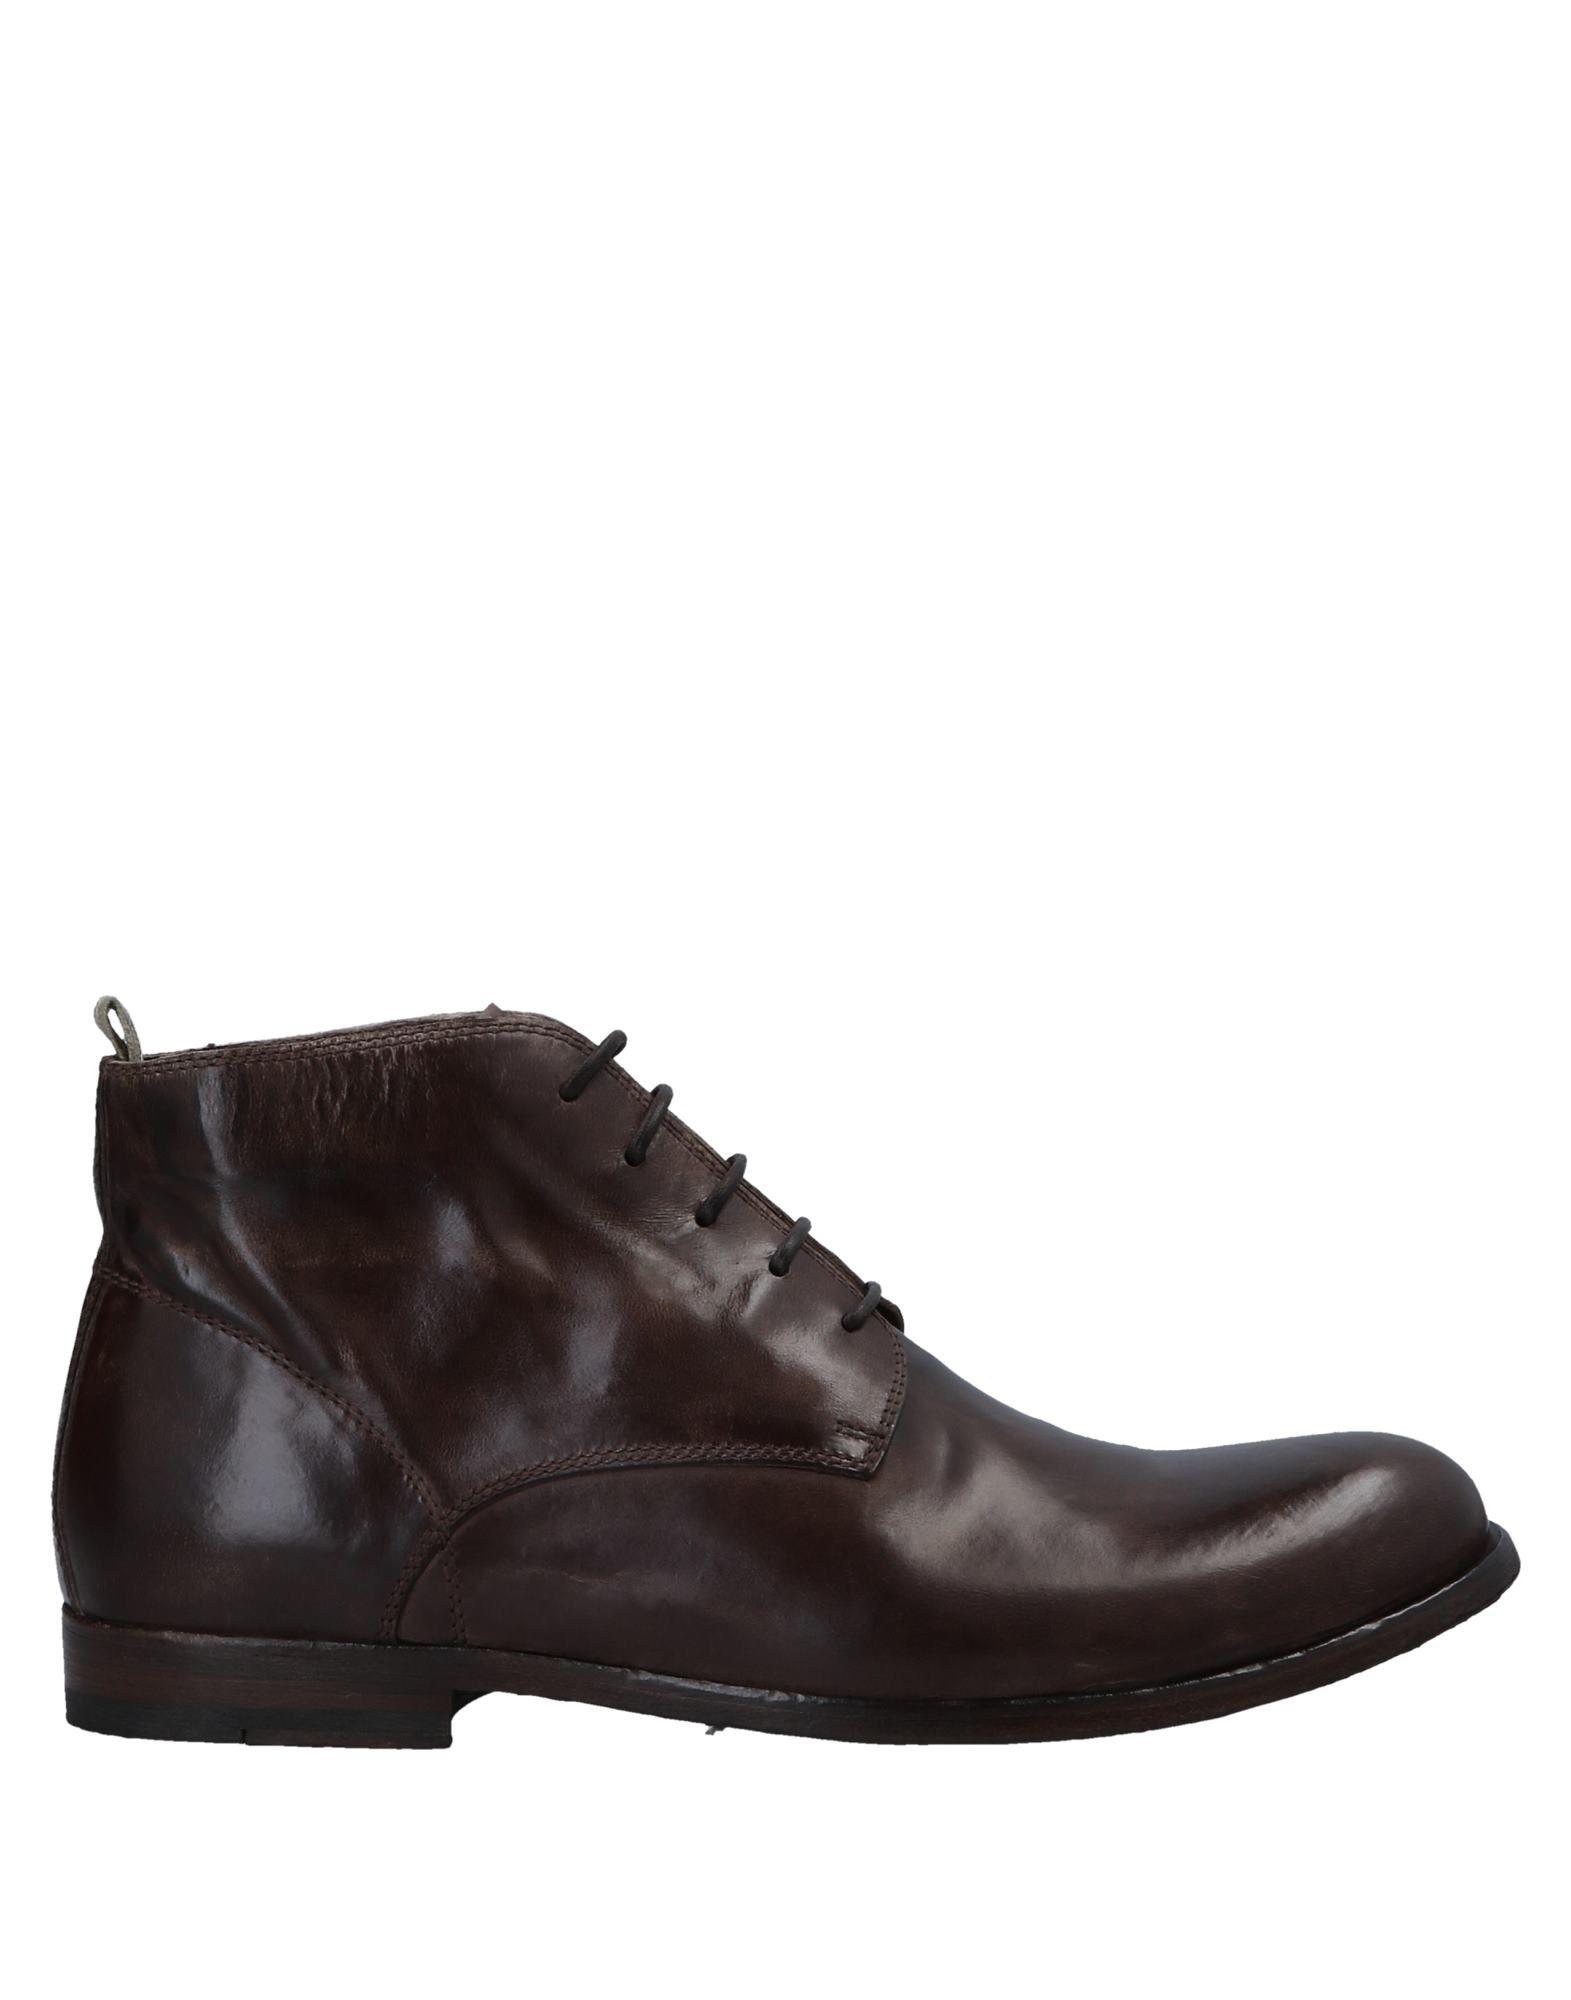 Officine Creative Italia Stiefelette Herren  11551306FU Gute Qualität beliebte Schuhe